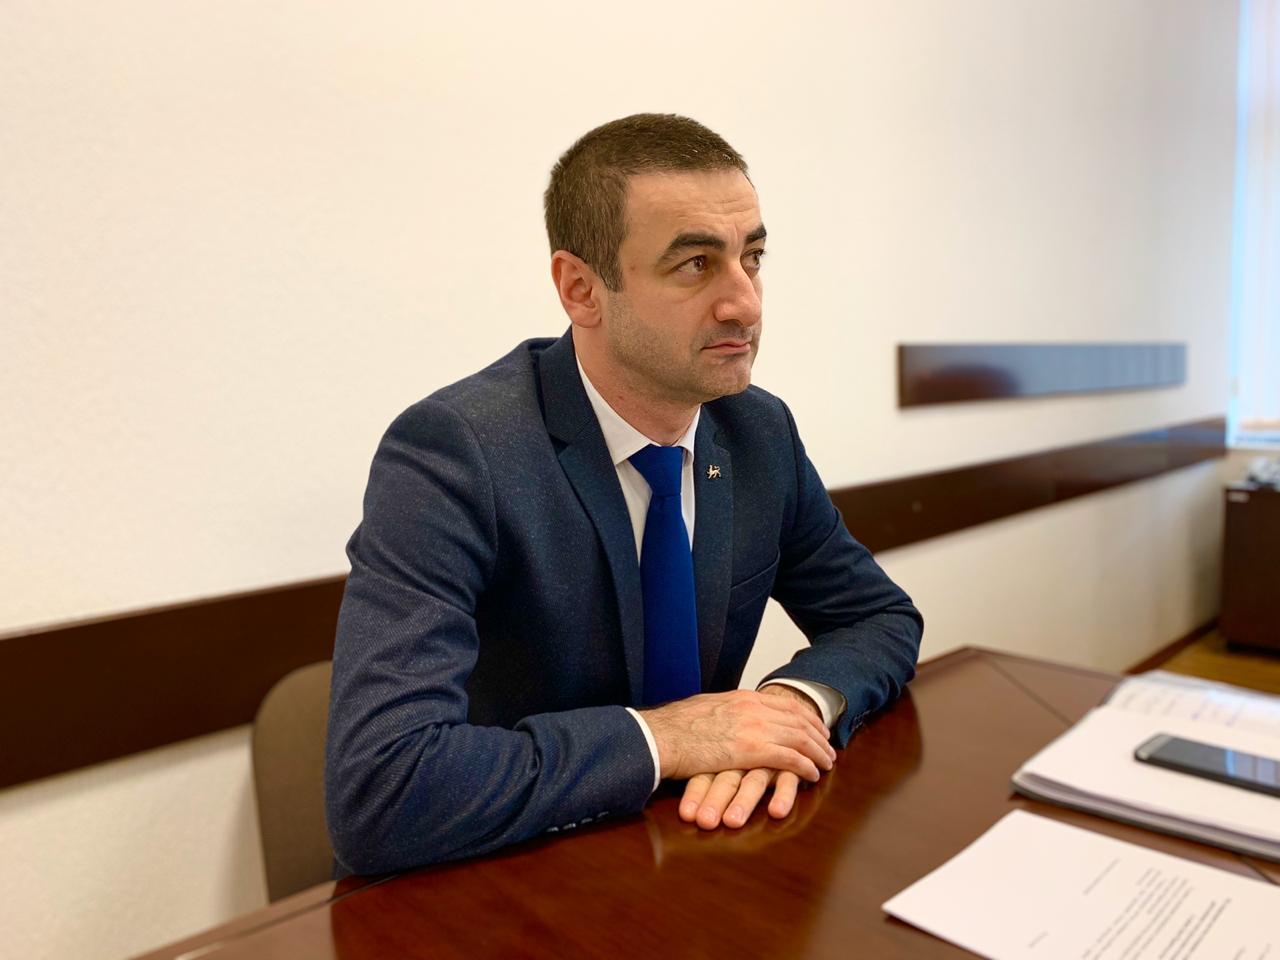 Производительность труда в Северной Осетии улучшится в рамках реализации проекта «Бережливое правительство»